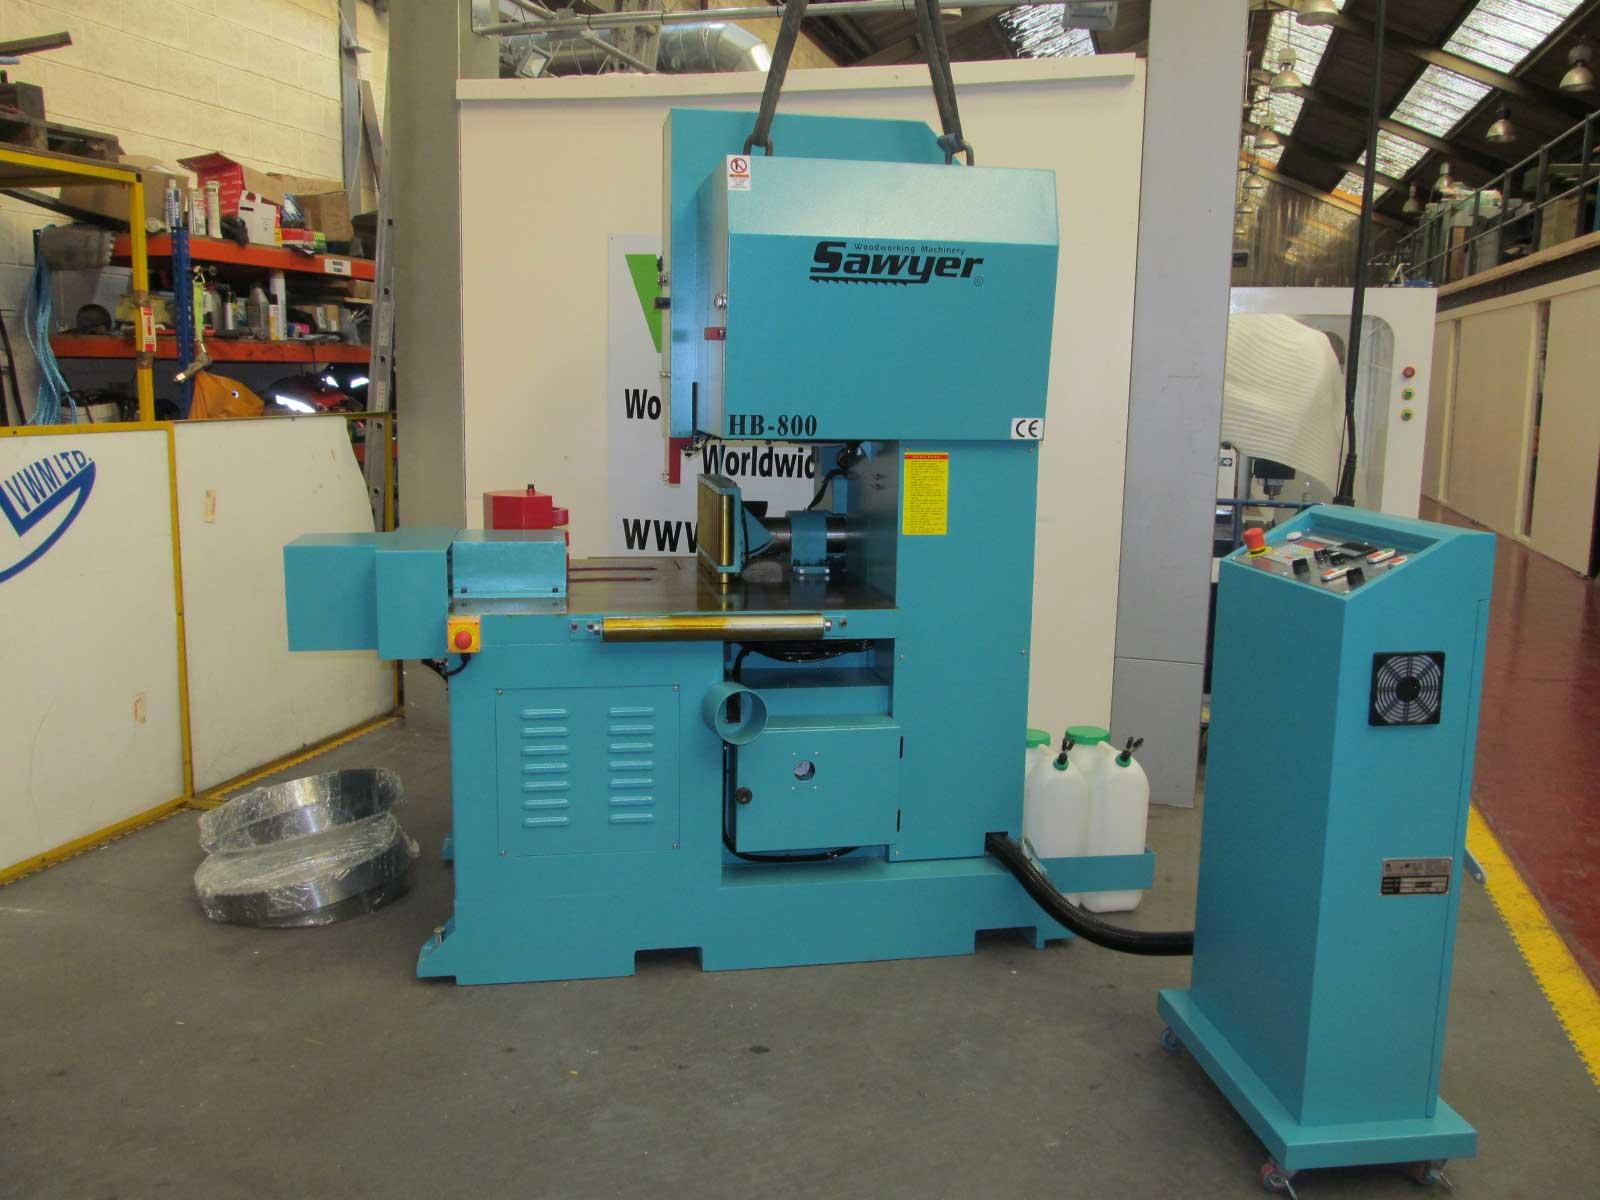 Sawyer HB-800H Heavy duty re-saw